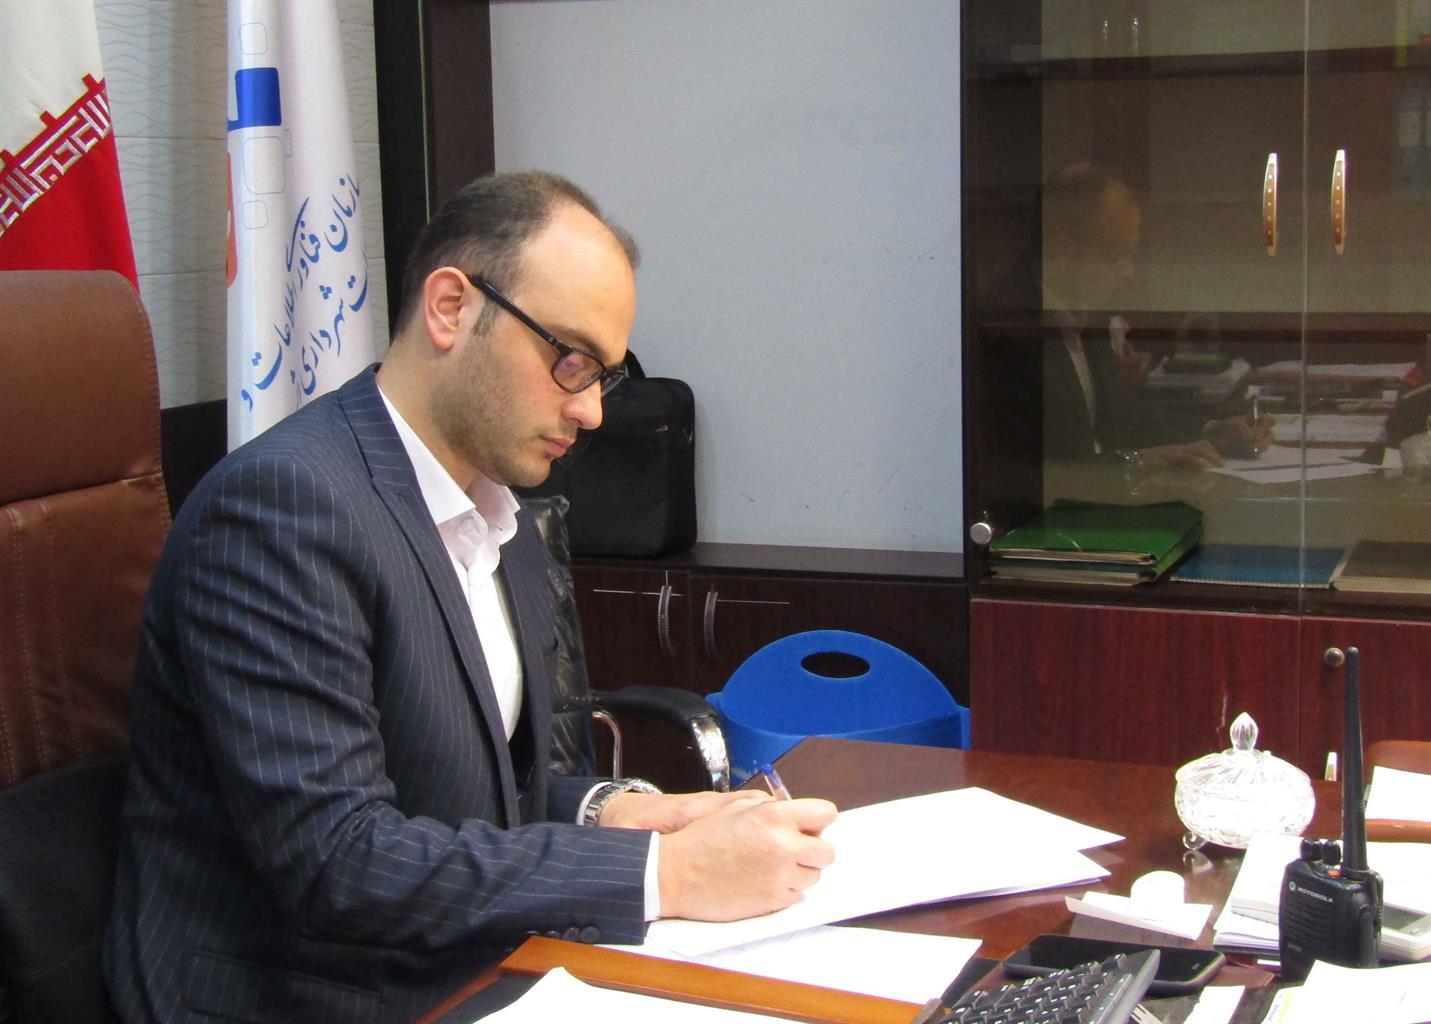 سامانه ی فیش حقوقی الکترونیک کارکنان شهرداری رشت راه اندازی شد